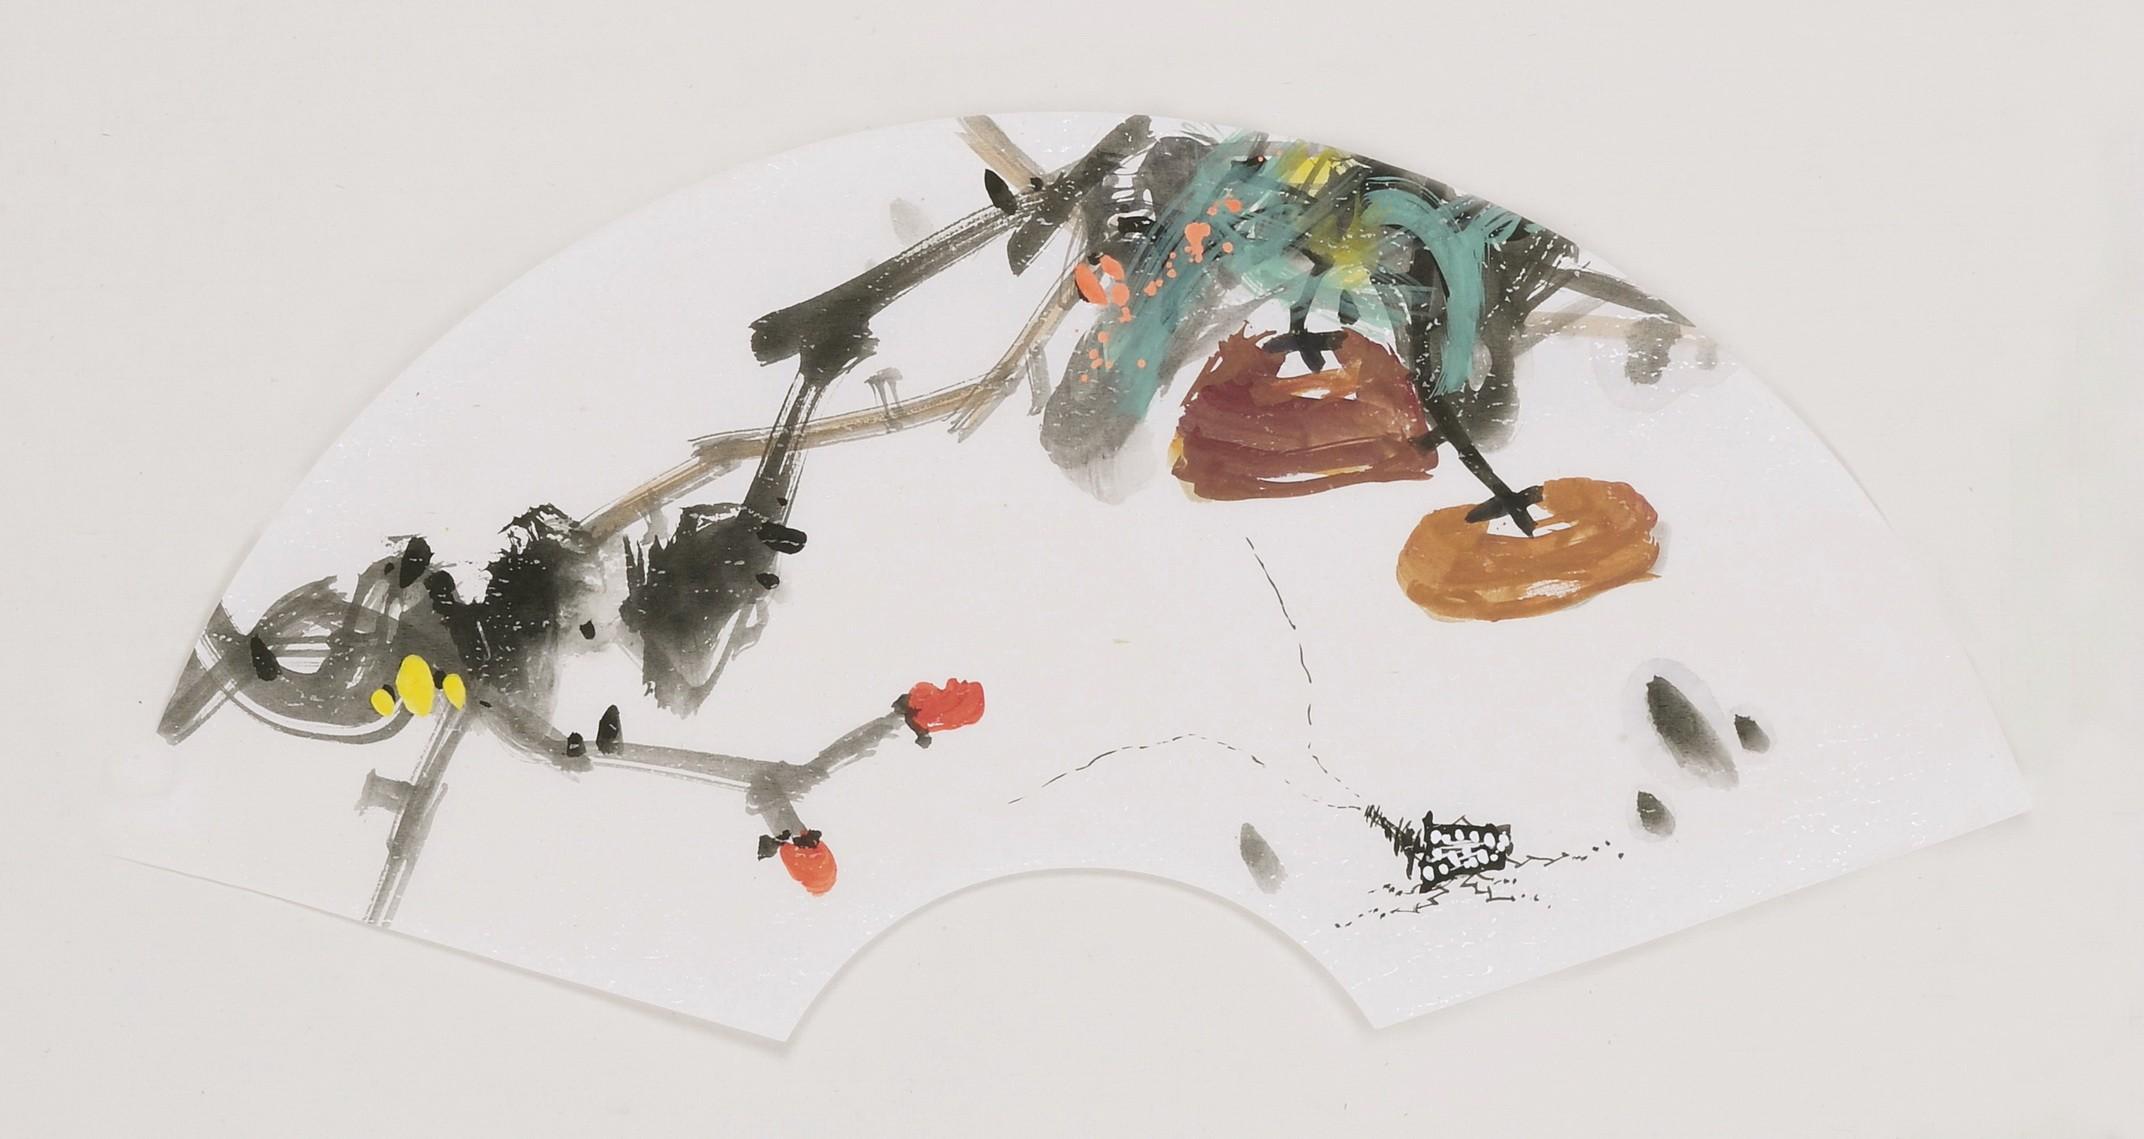 Persimmon - CNAG001786